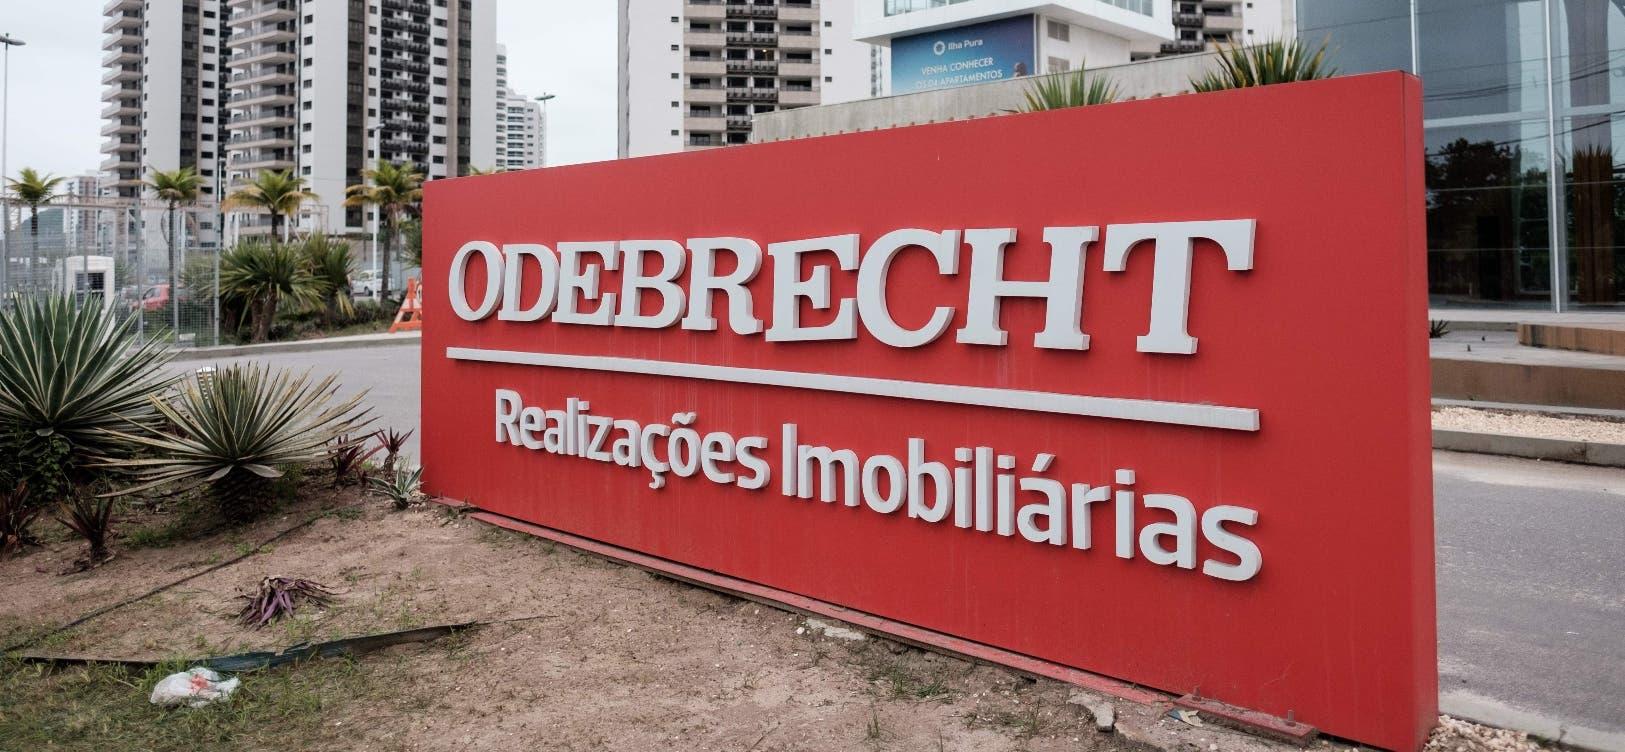 La constructora brasileña admitió el pago de 92 millones de dólares a funcionarios en el país para la adjudicación de obras públicas.